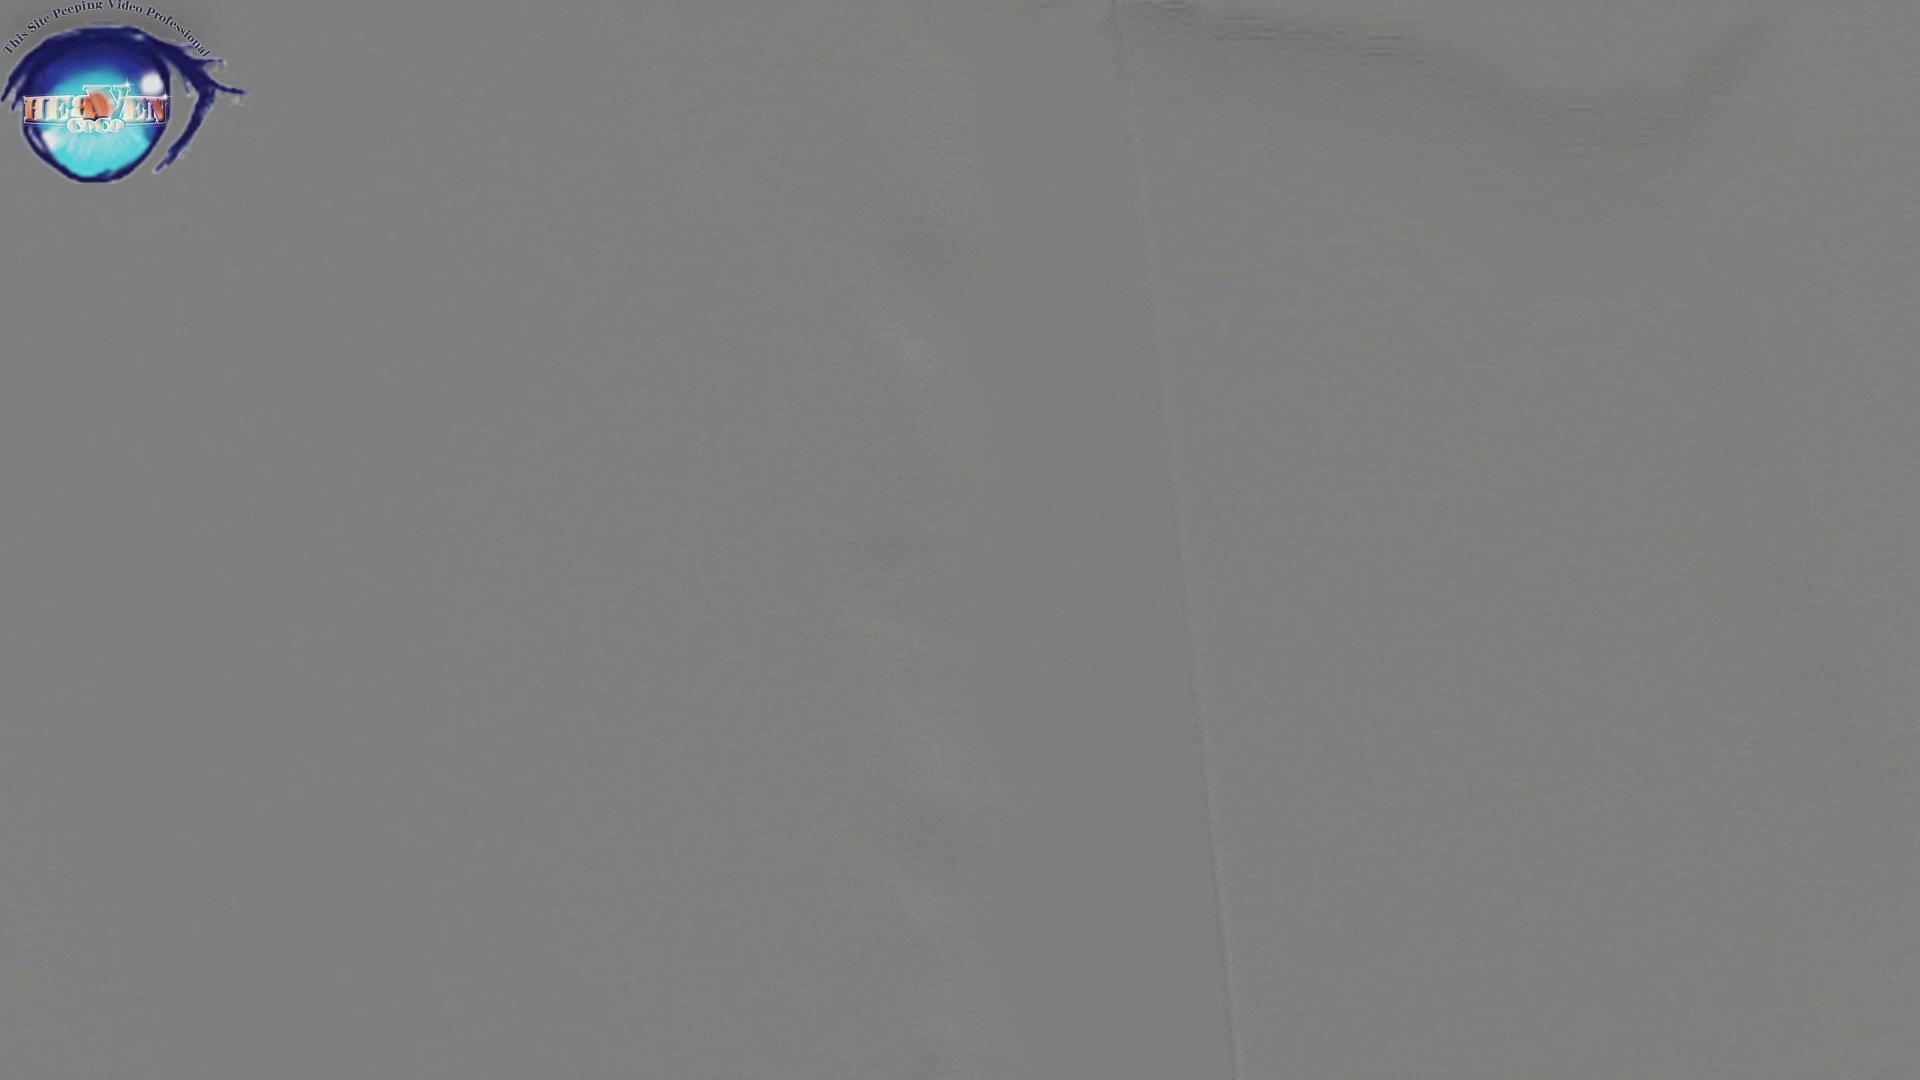 お銀さんの「洗面所突入レポート!!」 vol.65 美女を撮るためにみんなの前に割り込む!!前編 洗面所突入 | 美女丸裸  96pic 34